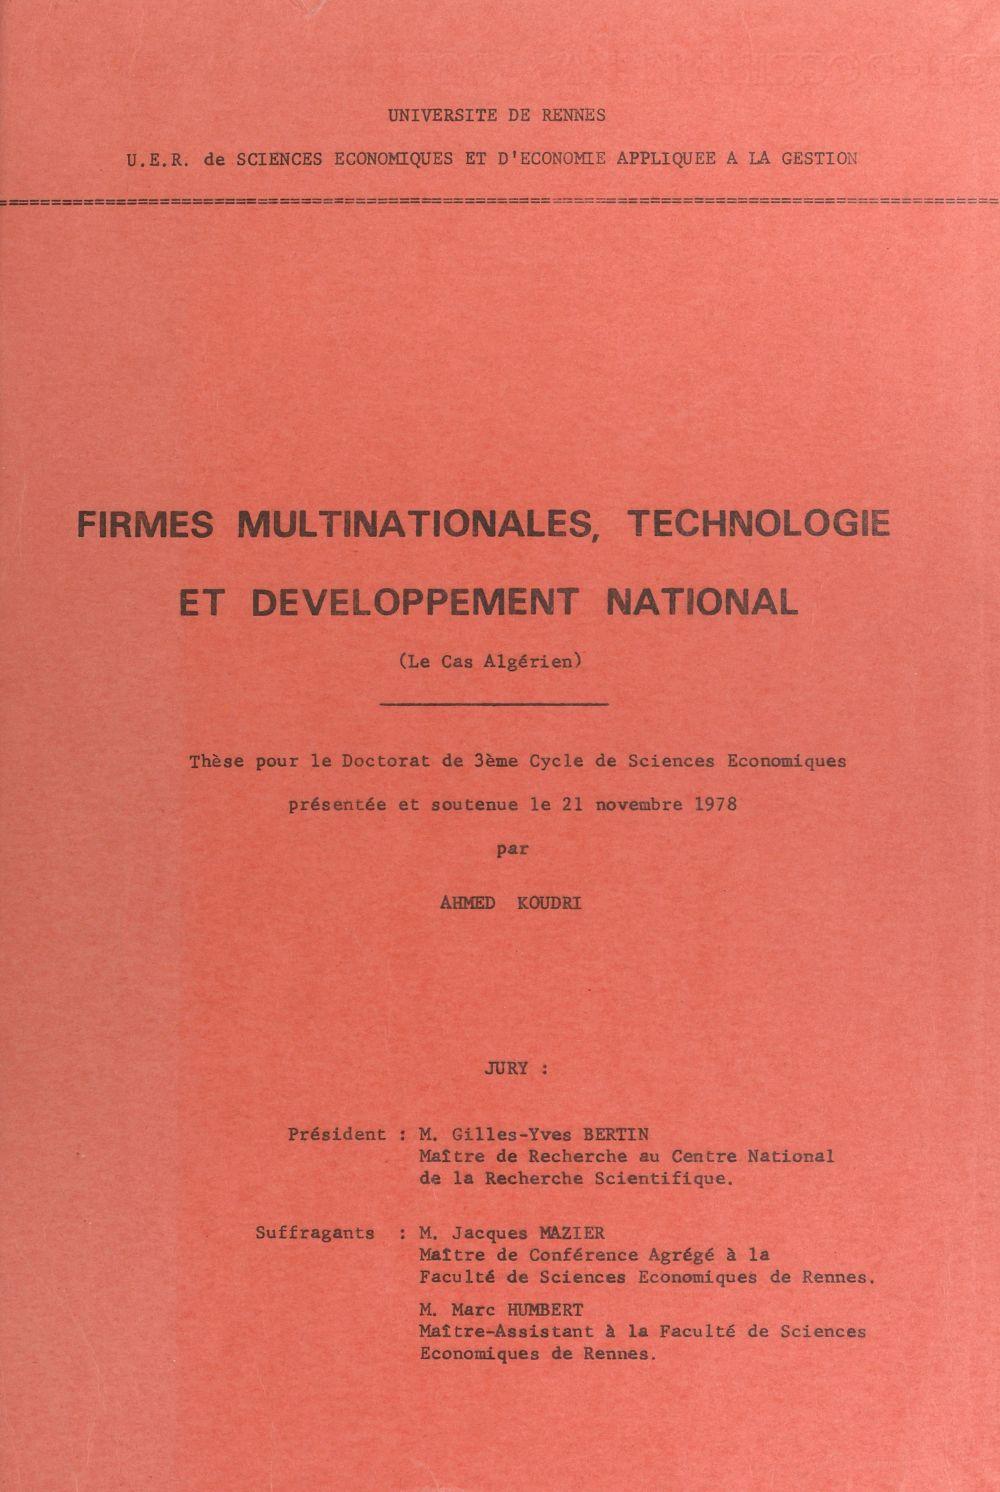 Firmes multinationales, technologie et développement national : le cas algérien